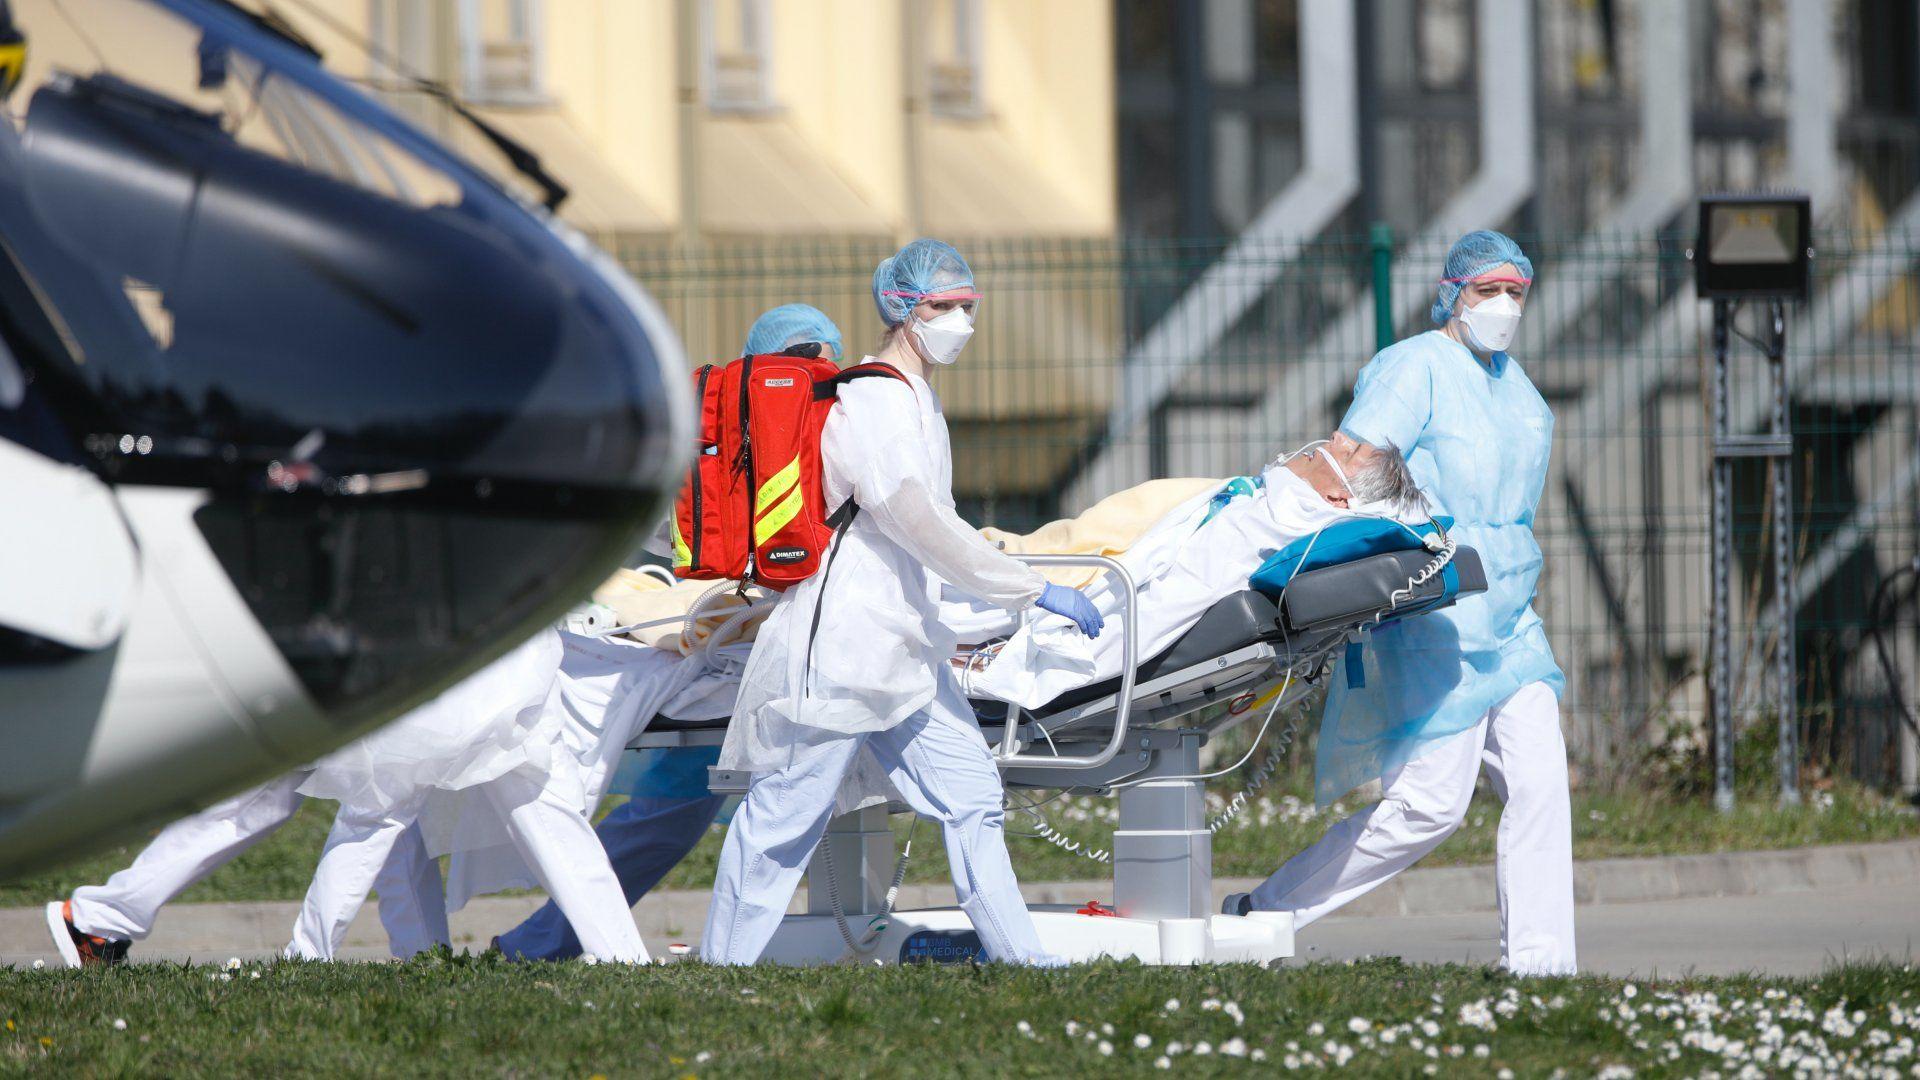 A koronavírussal fertőzött betegek egyikét szállítják el ápolók a kelet-franciaországi Mulhouse város kórházából 2020. március 23-án (Fotó: MTI/AP)